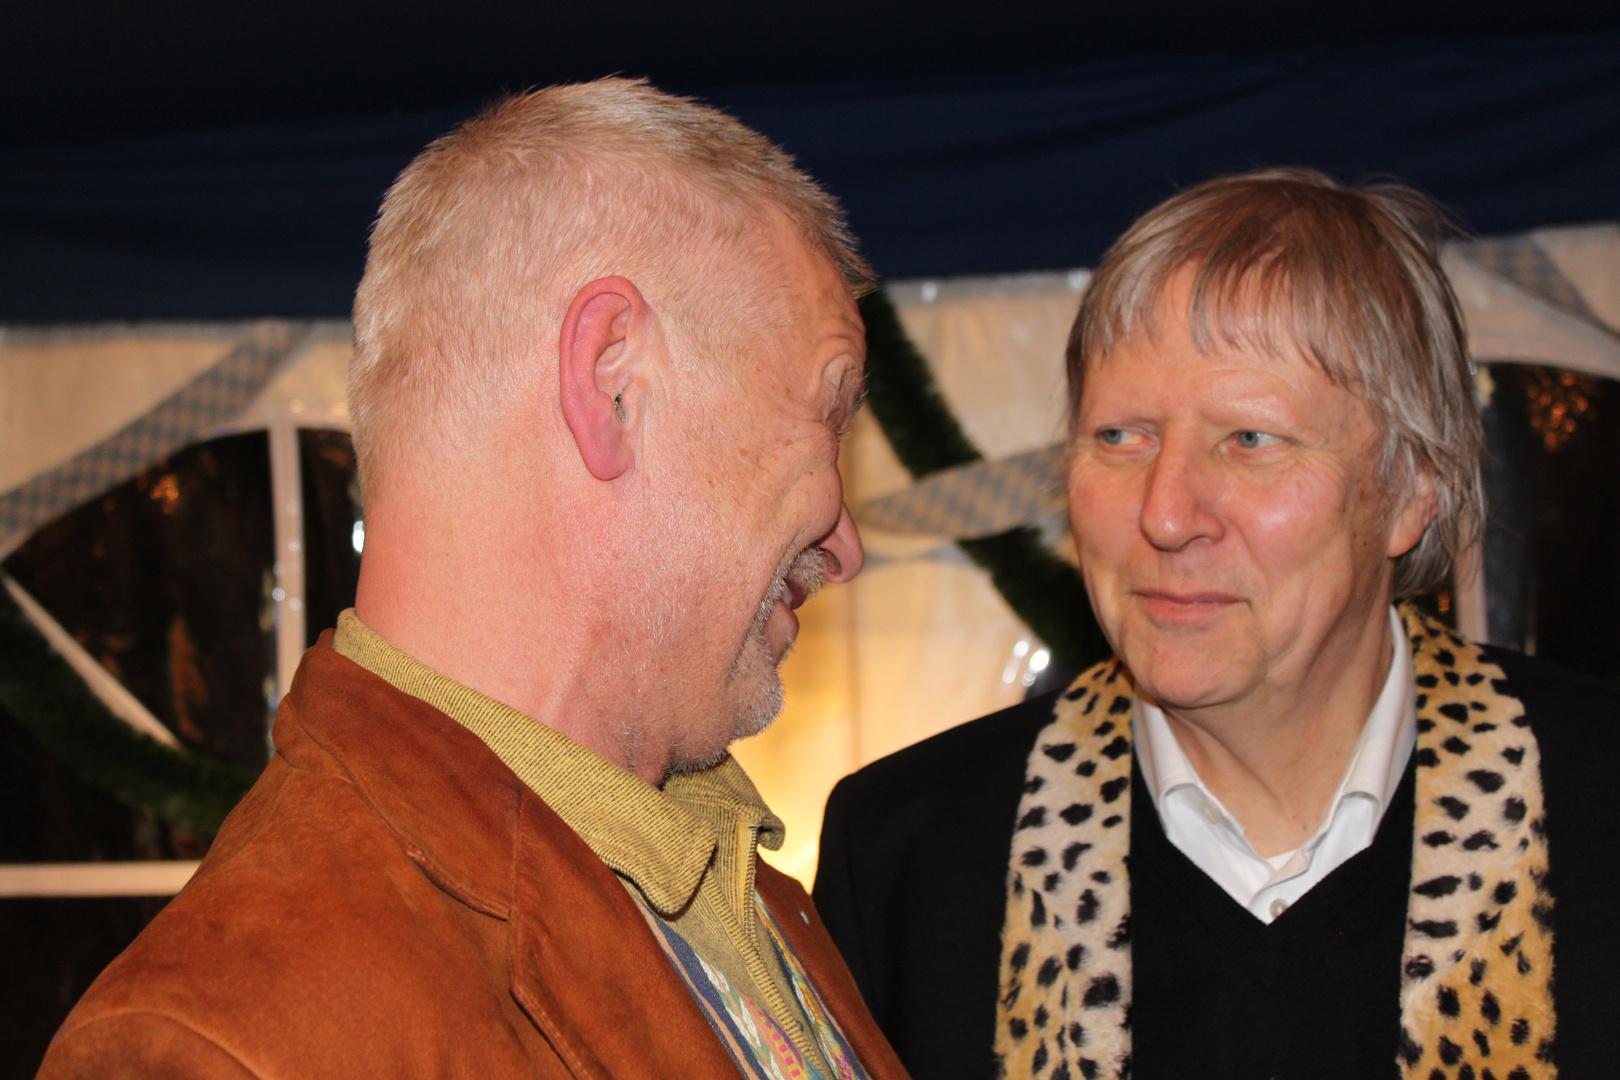 Karsten Jahnke (Konzertveranstalter) & Achim Reichel